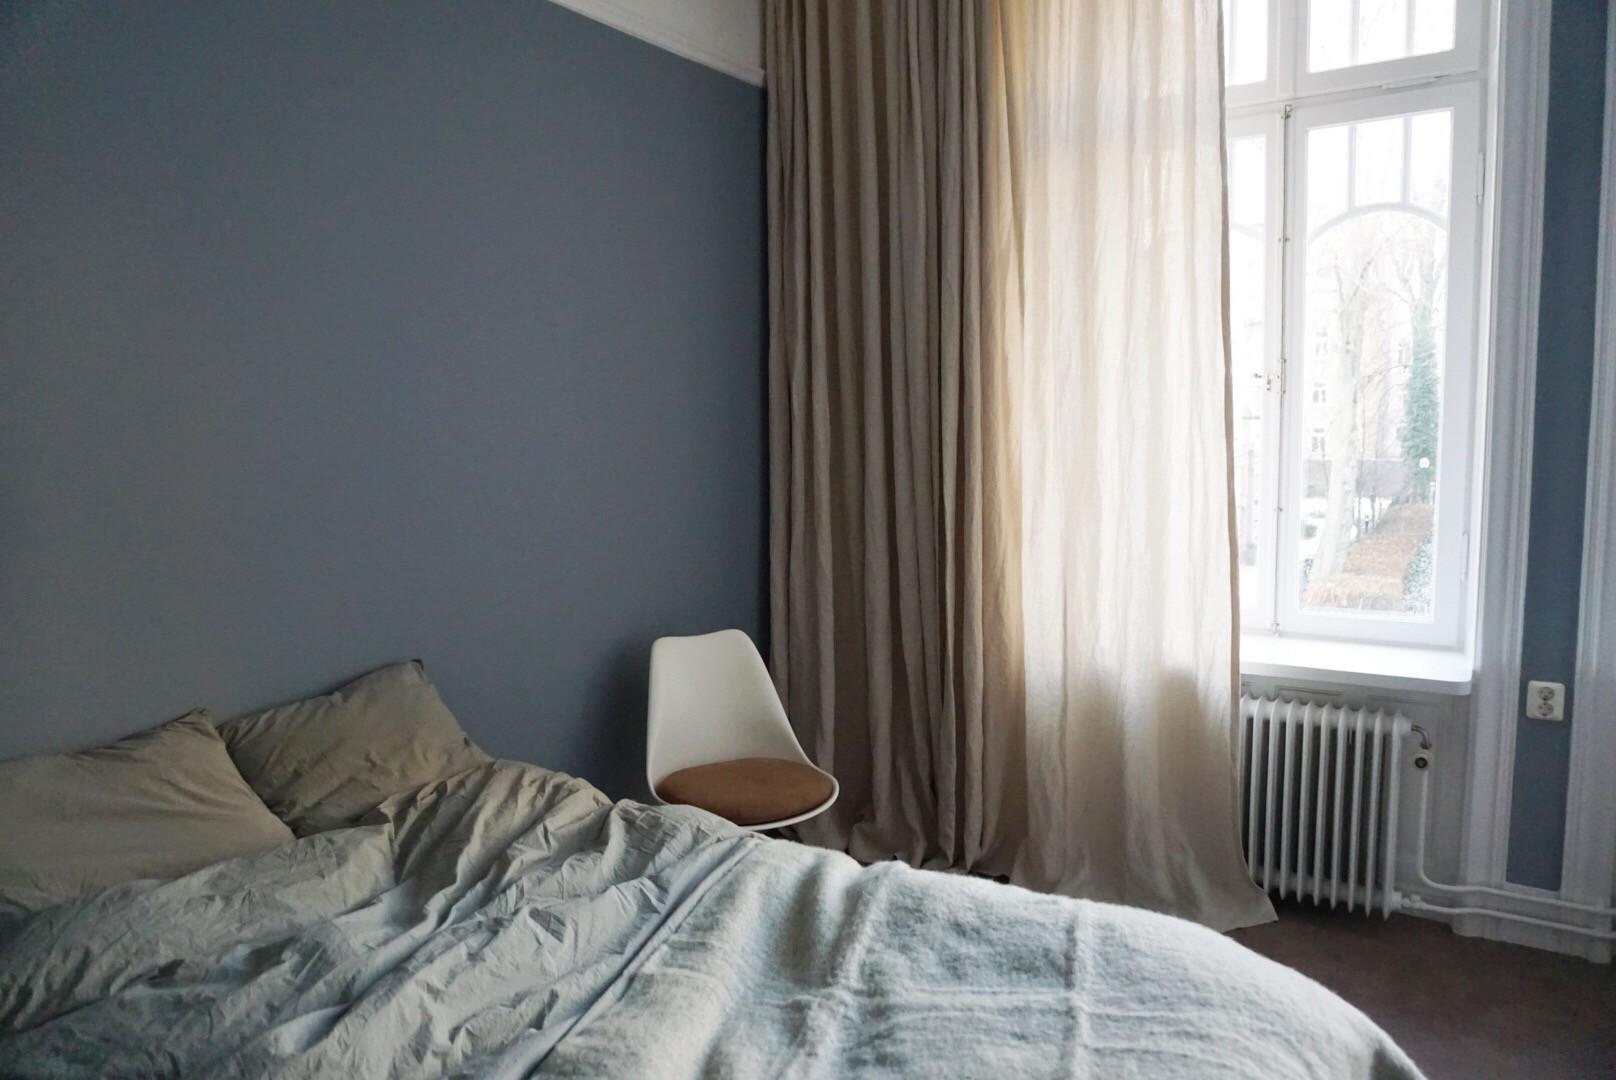 Amelia widells dov blå sovrum   nordsjö idé & design